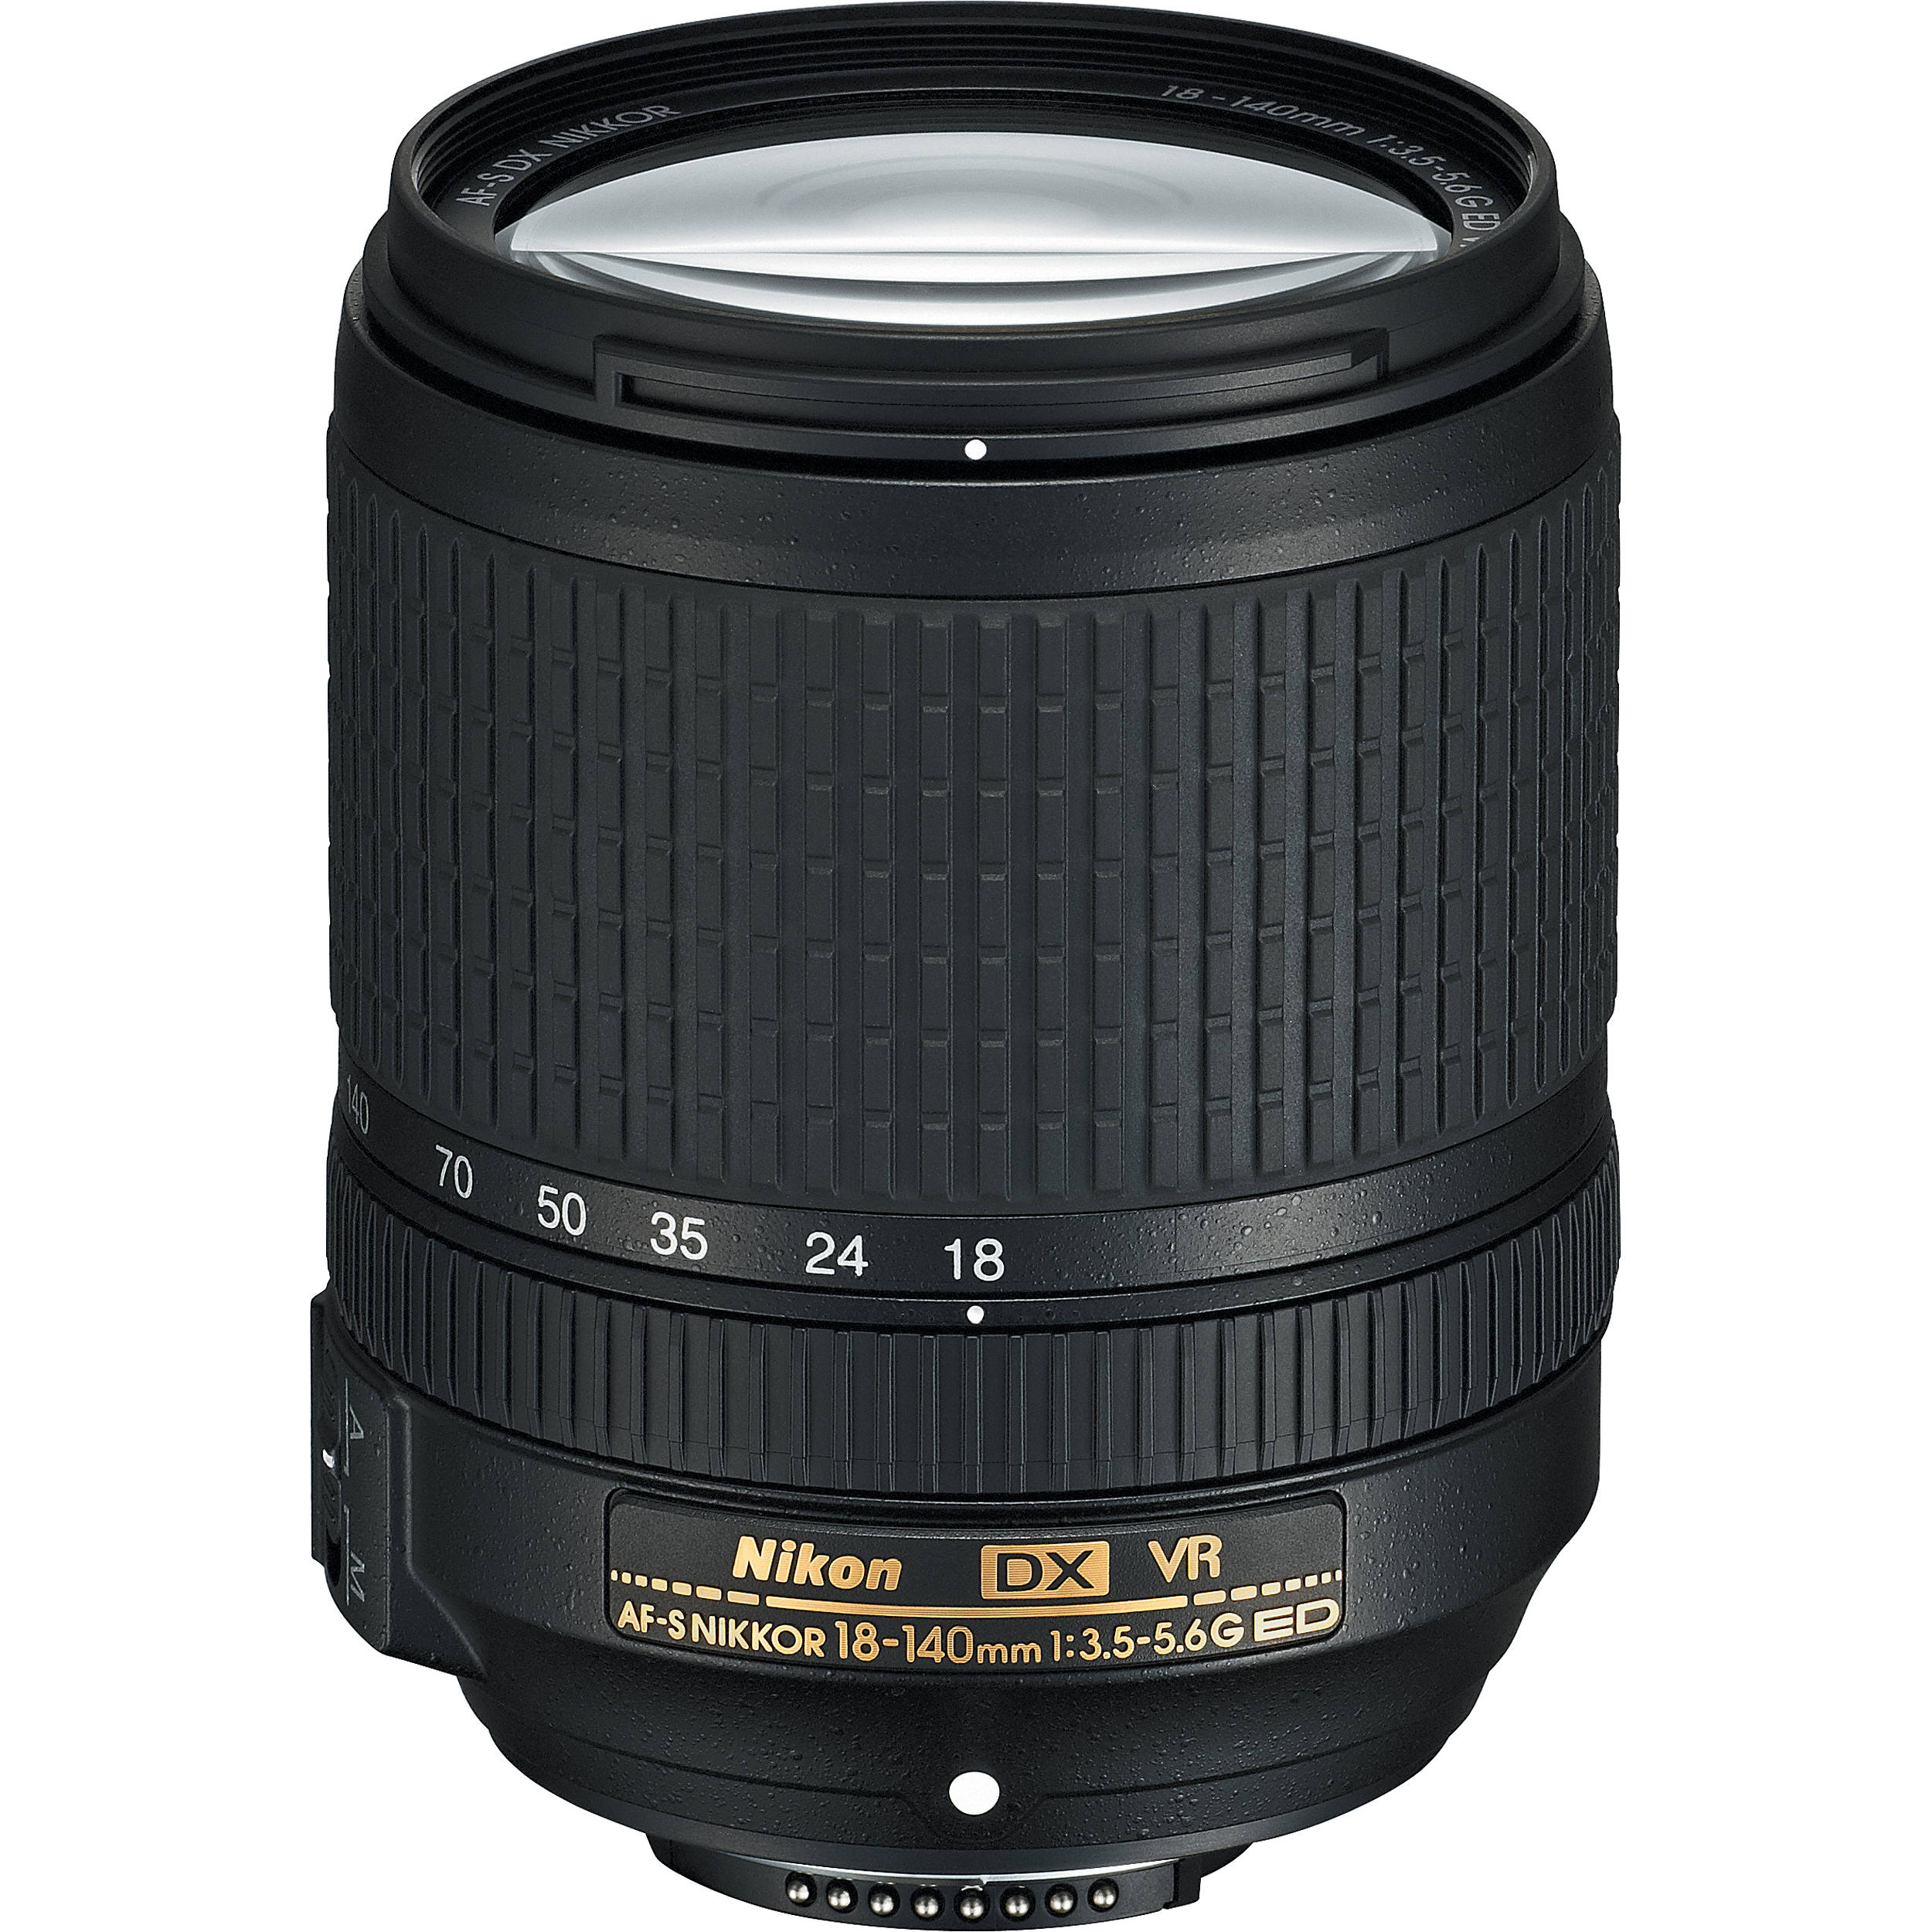 Cap Keeper 67mm Universal Snap-On Lens Cap for Nikon 18-105mm f//3.5-5.6 AF-S DX VR ED Nikkor Lens Microfiber Cleaning Cloth